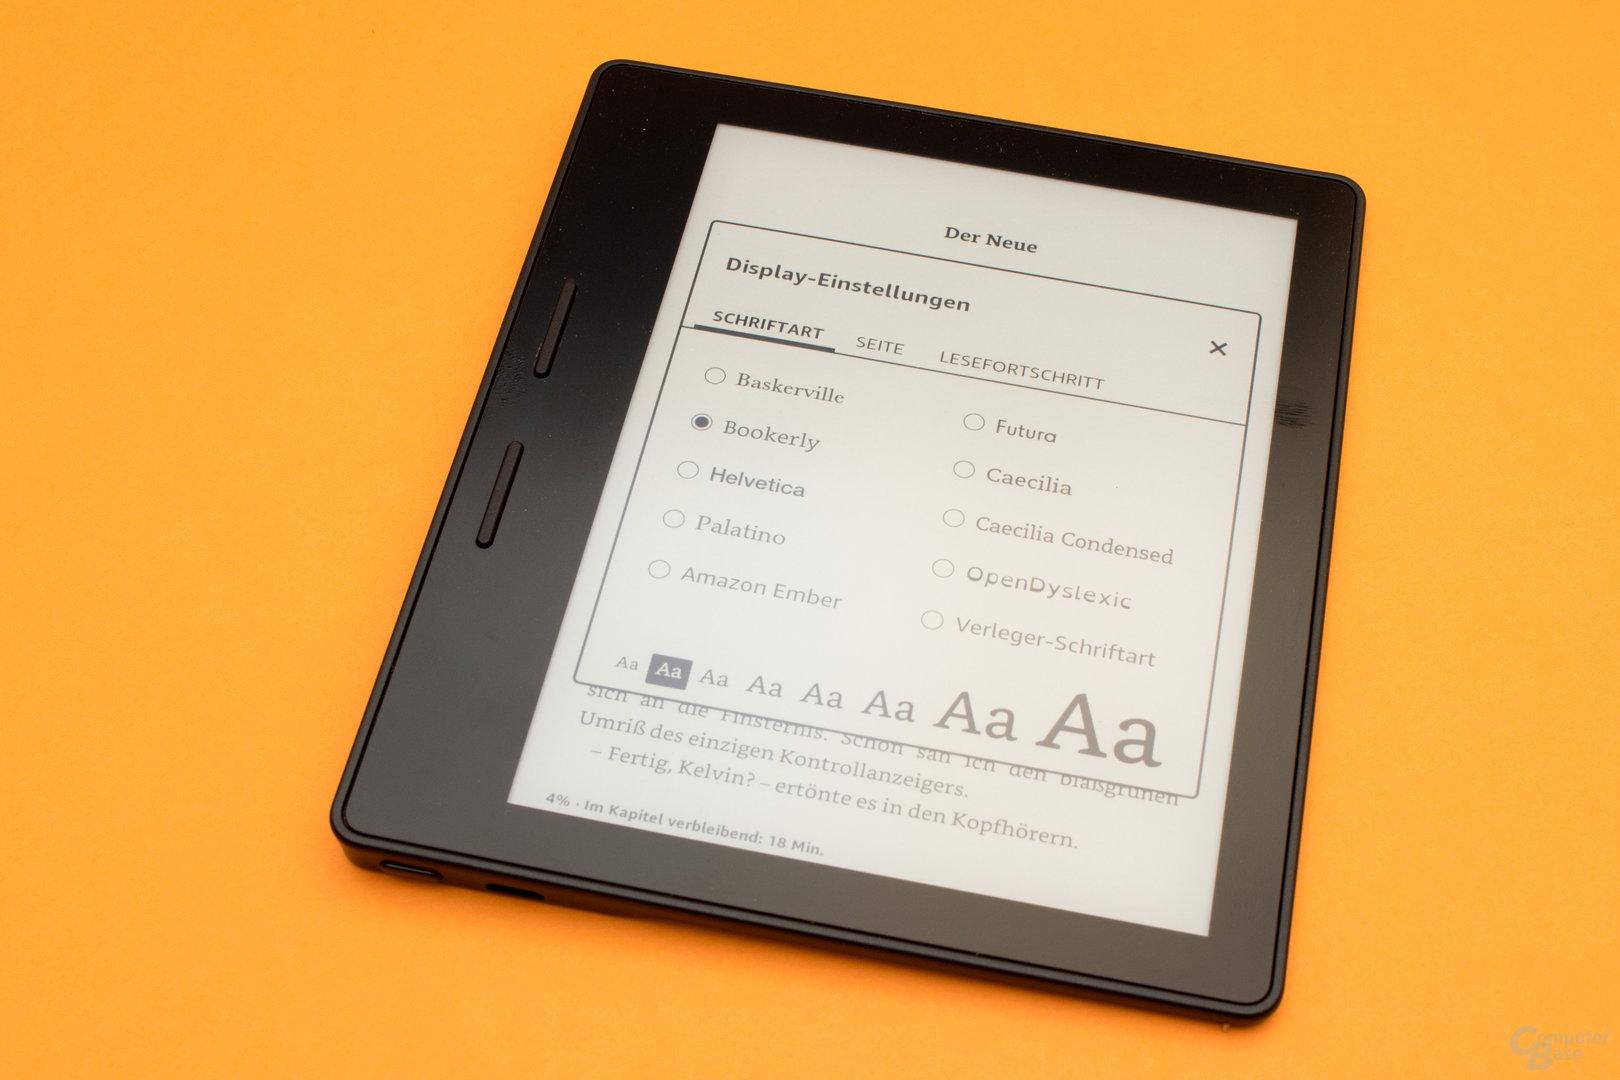 Neue Schriftart Amazon Ember